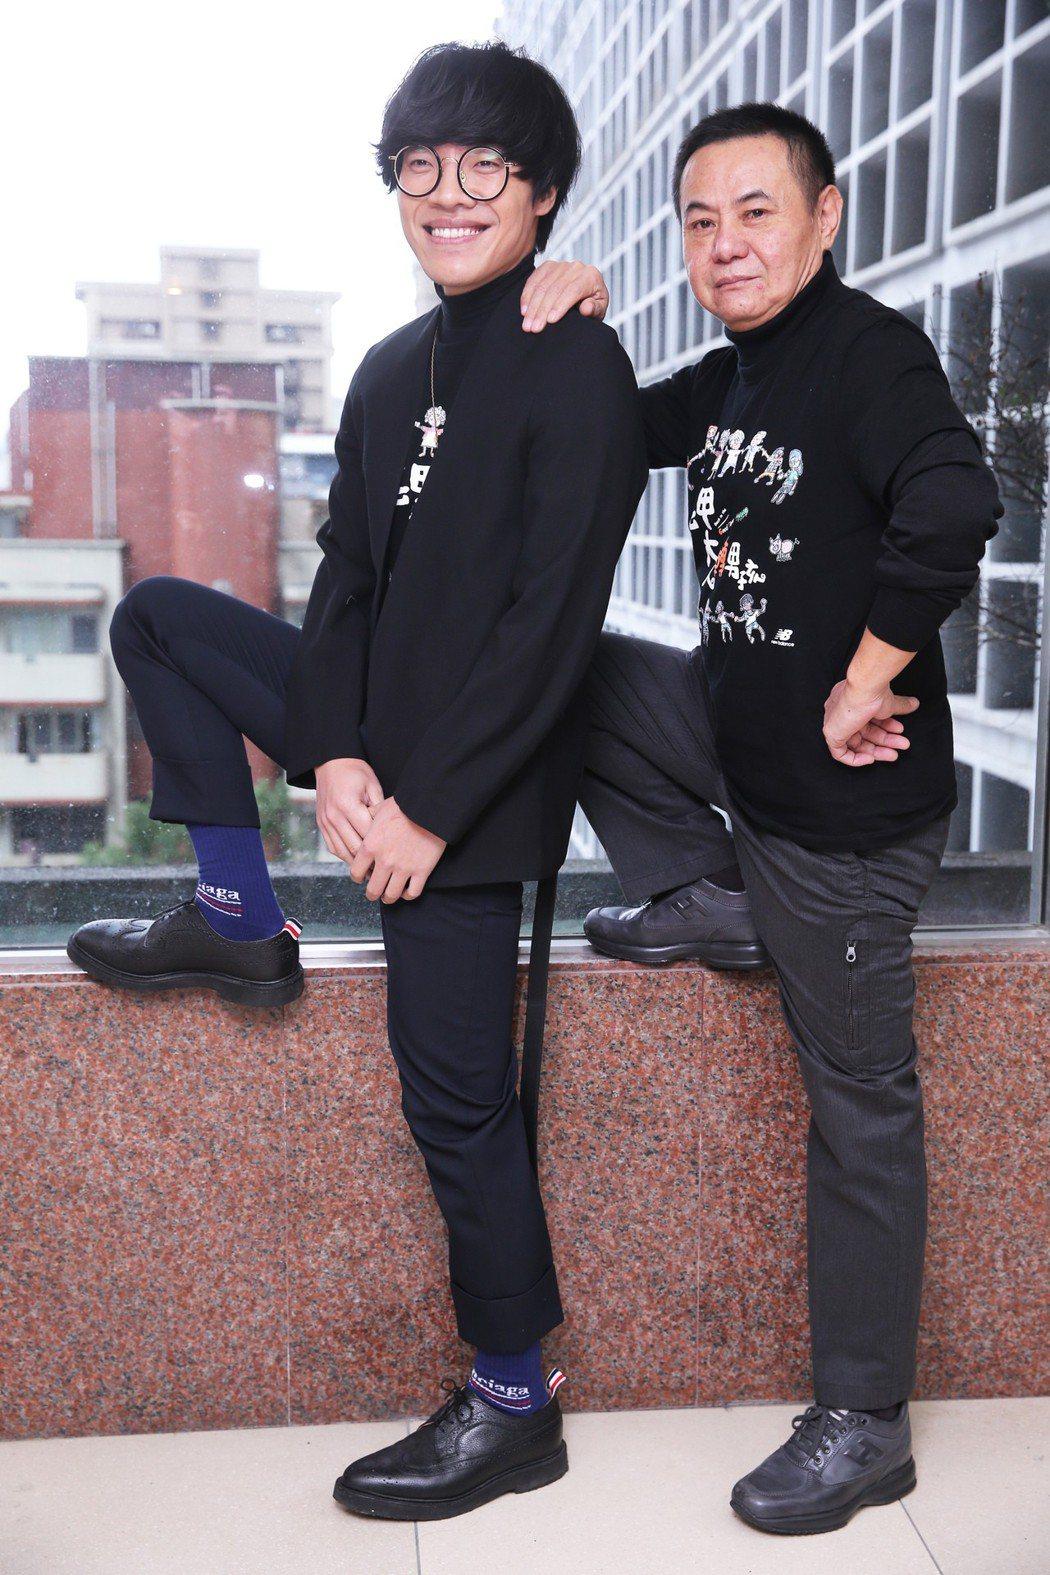 電影《花甲大人轉男孩》主要演員盧廣仲(左)及蔡振南(右)接受媒體聯訪宣傳新戲。記...